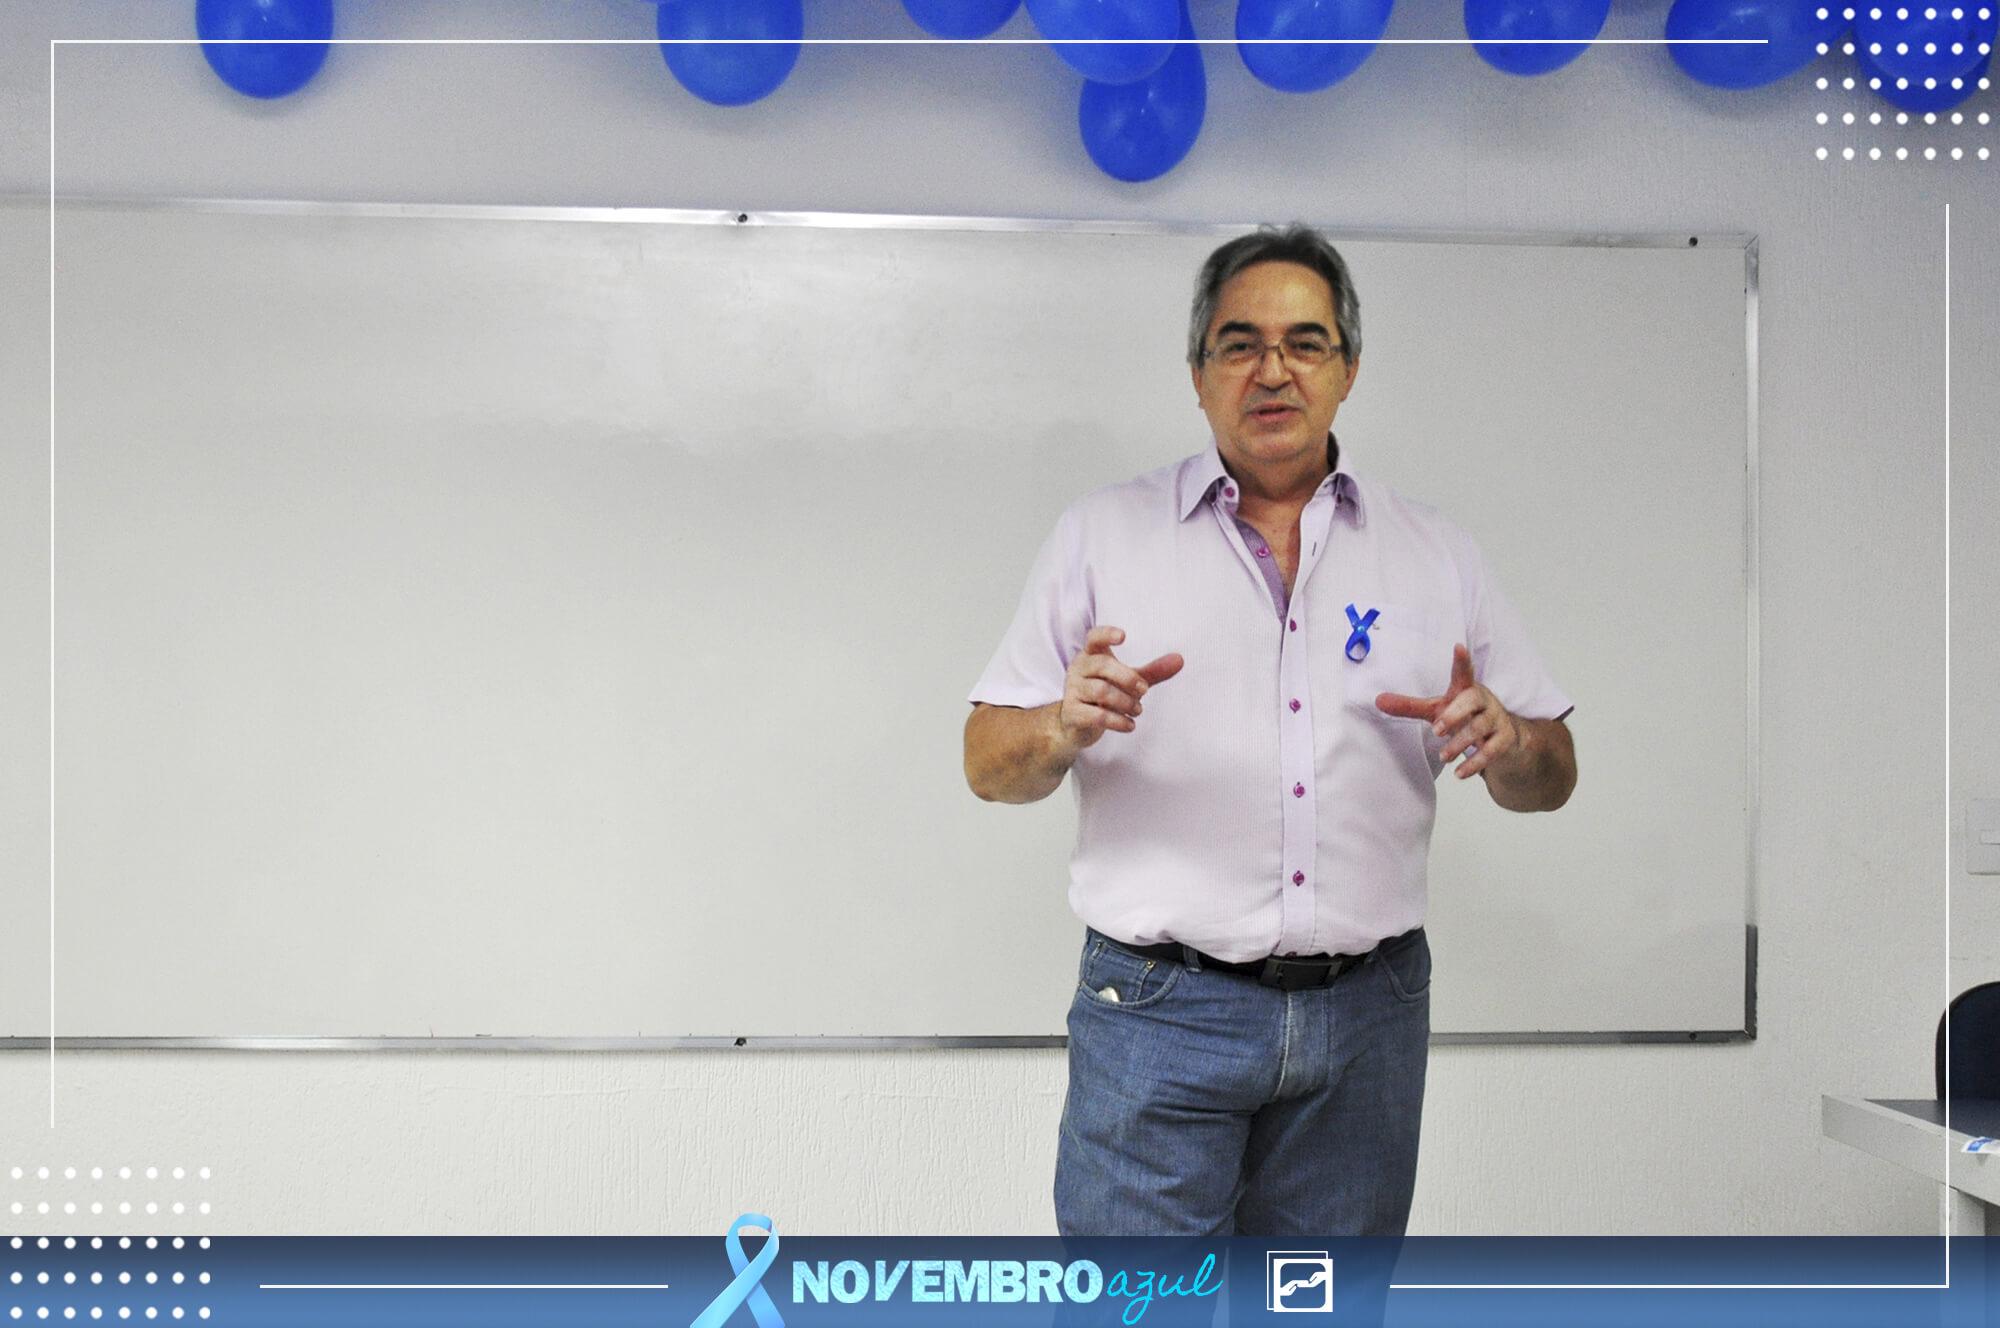 evento-novembro-azul-famesp